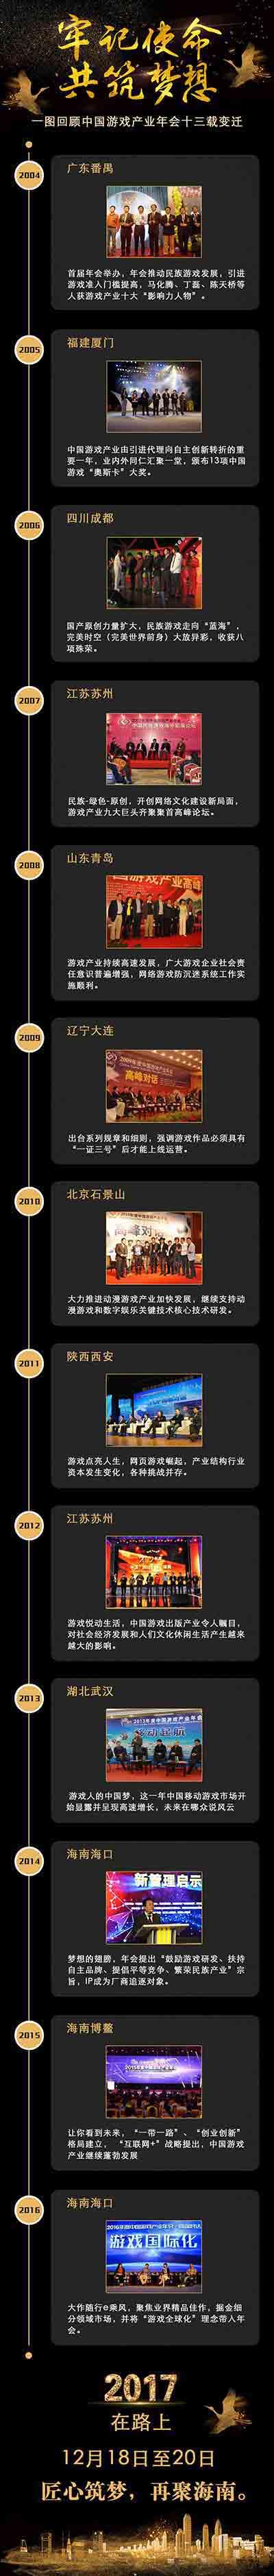 一图回顾中国游戏产业年会十三载变迁